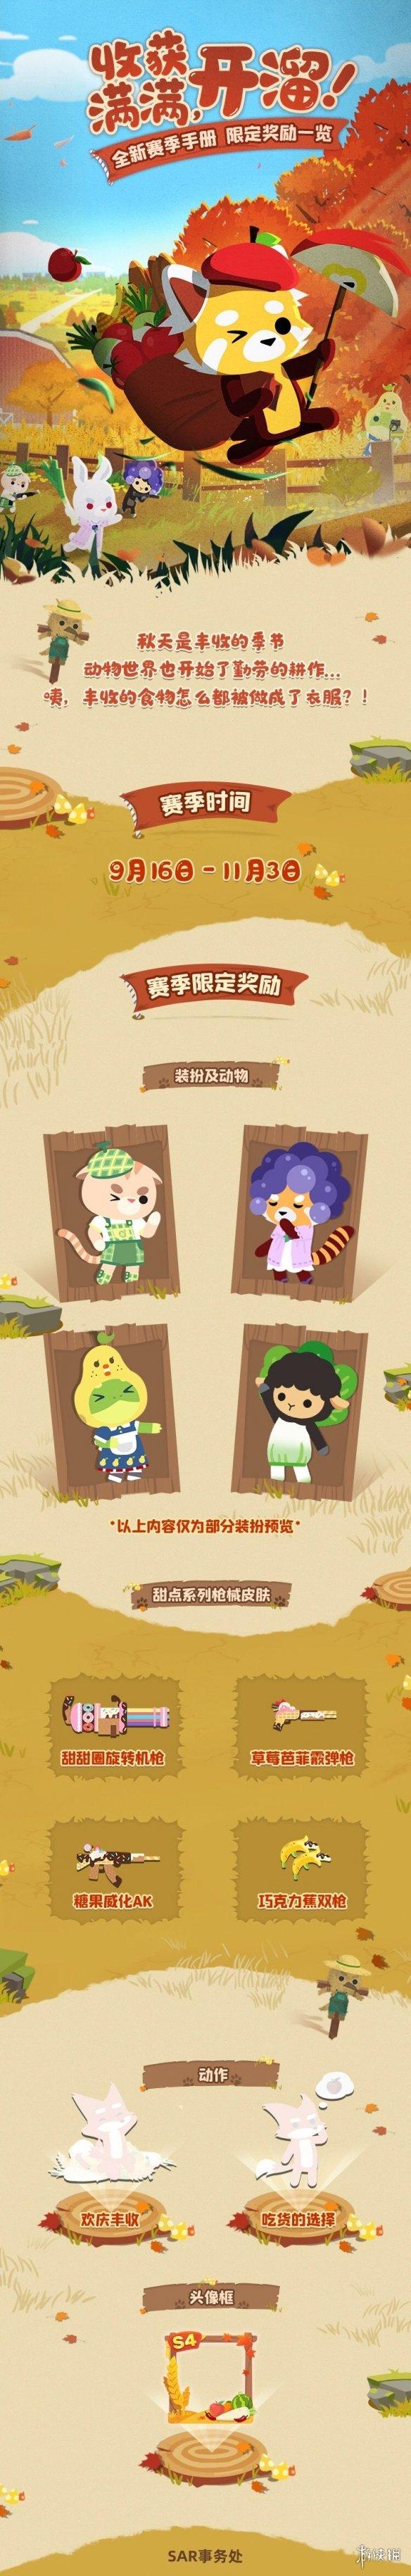 《小动物之星》丰收赛季手册介绍 丰收赛季奖励一览